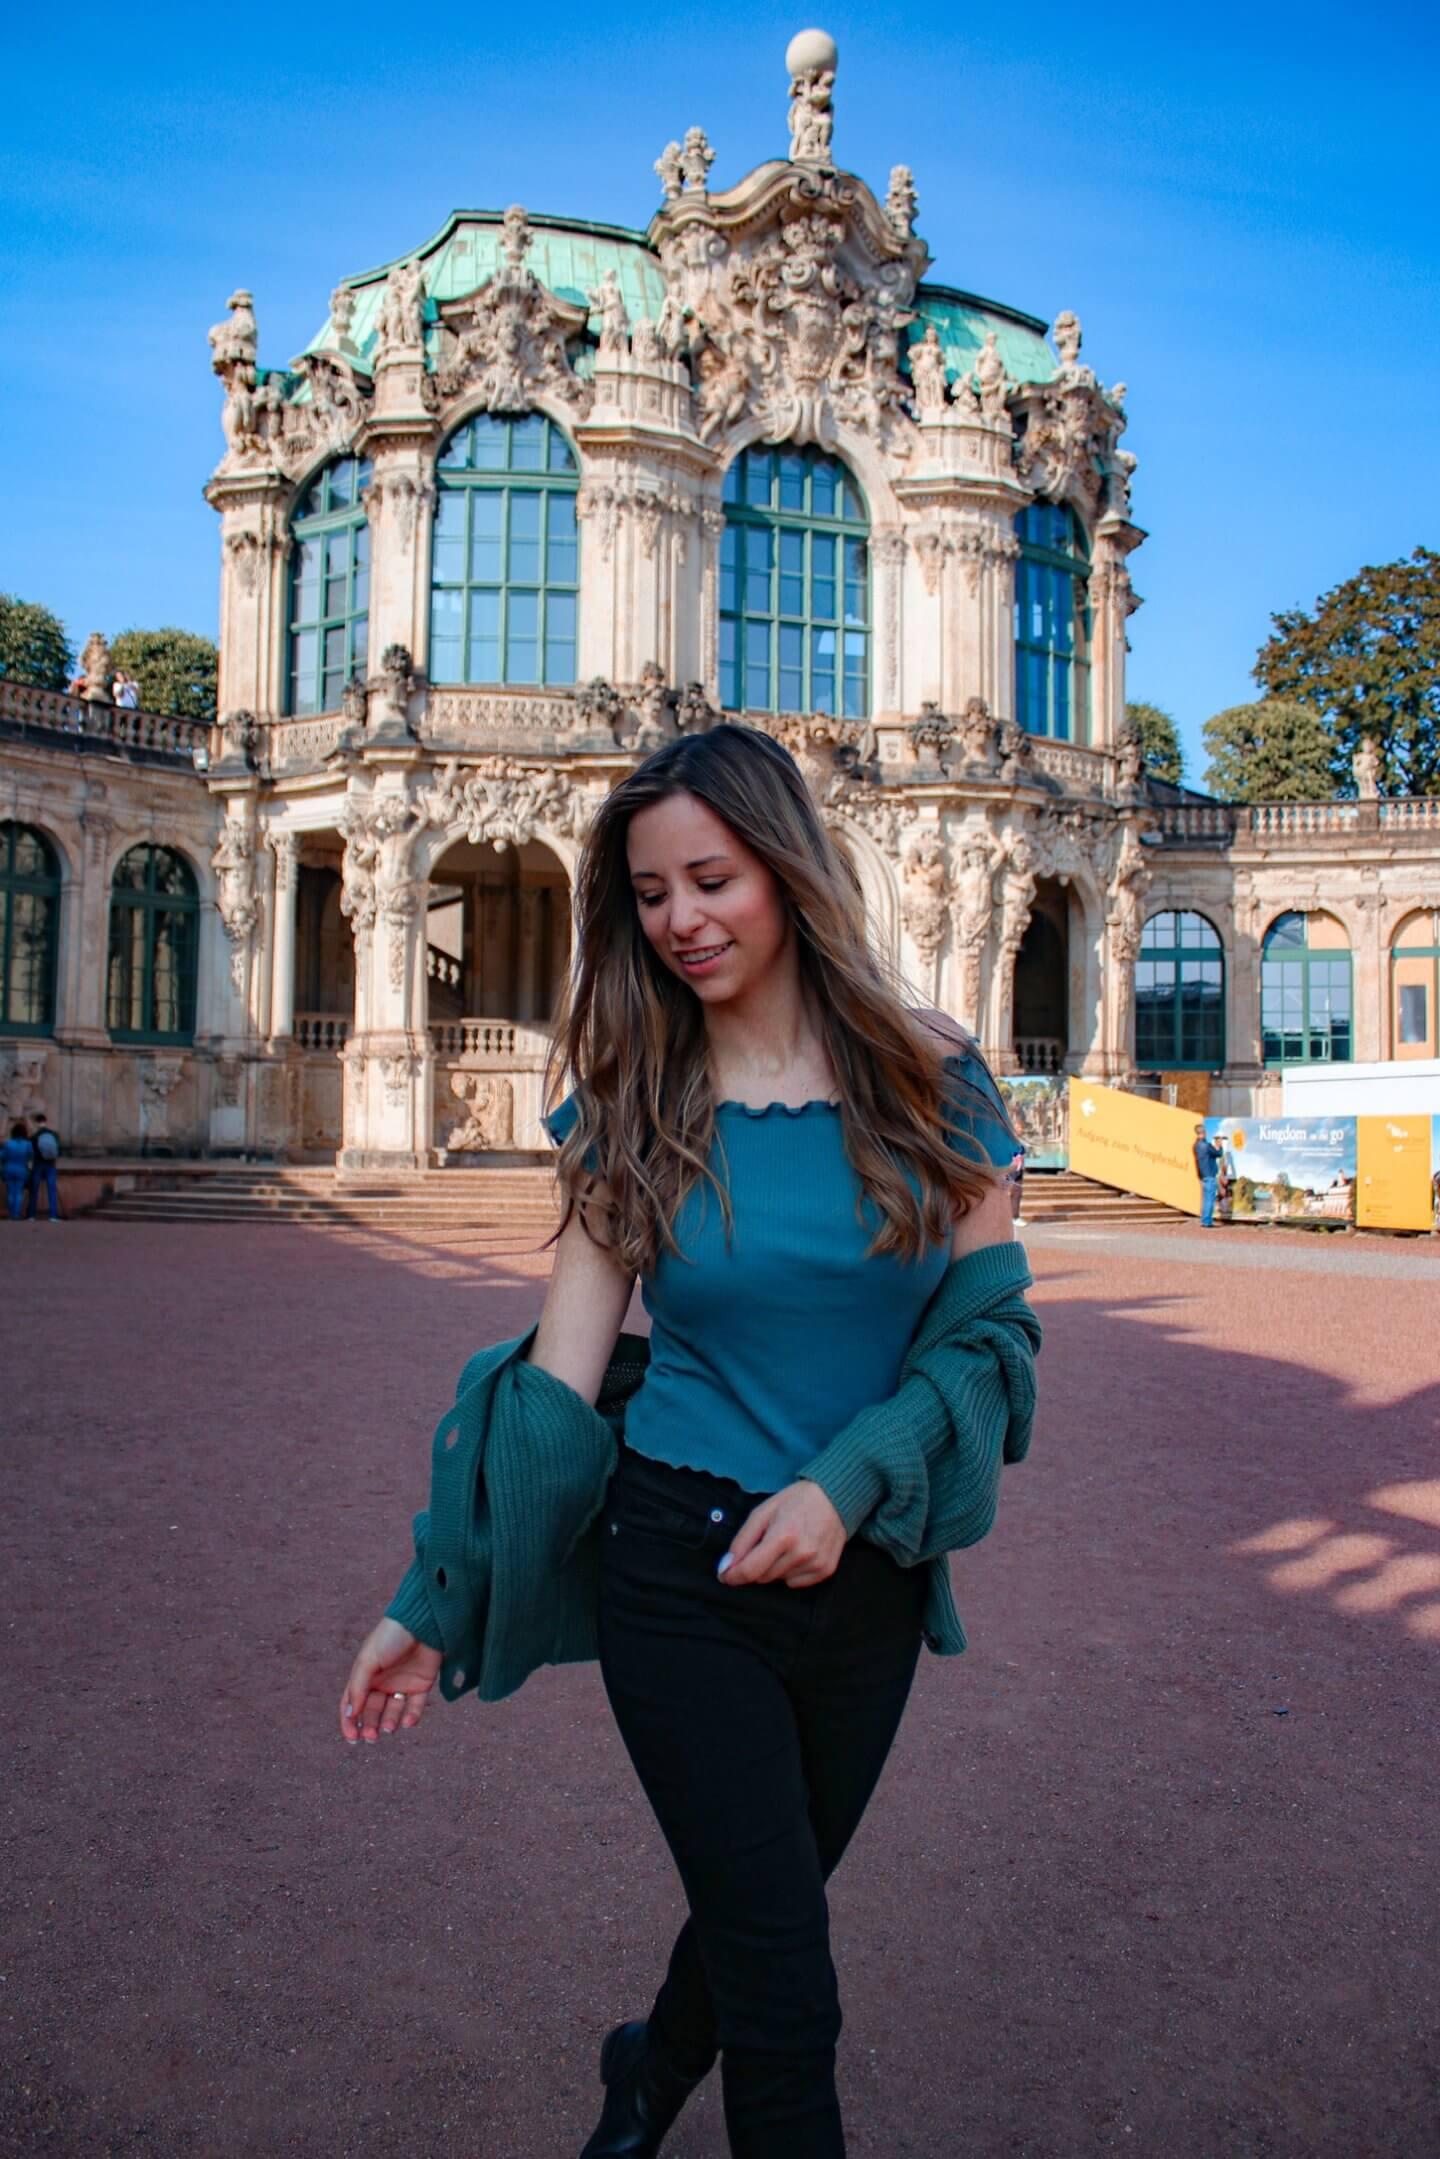 Dresden Fotolocations - Die 7 schönsten Sehenswürdigkeiten von Dresden und was sie kosten